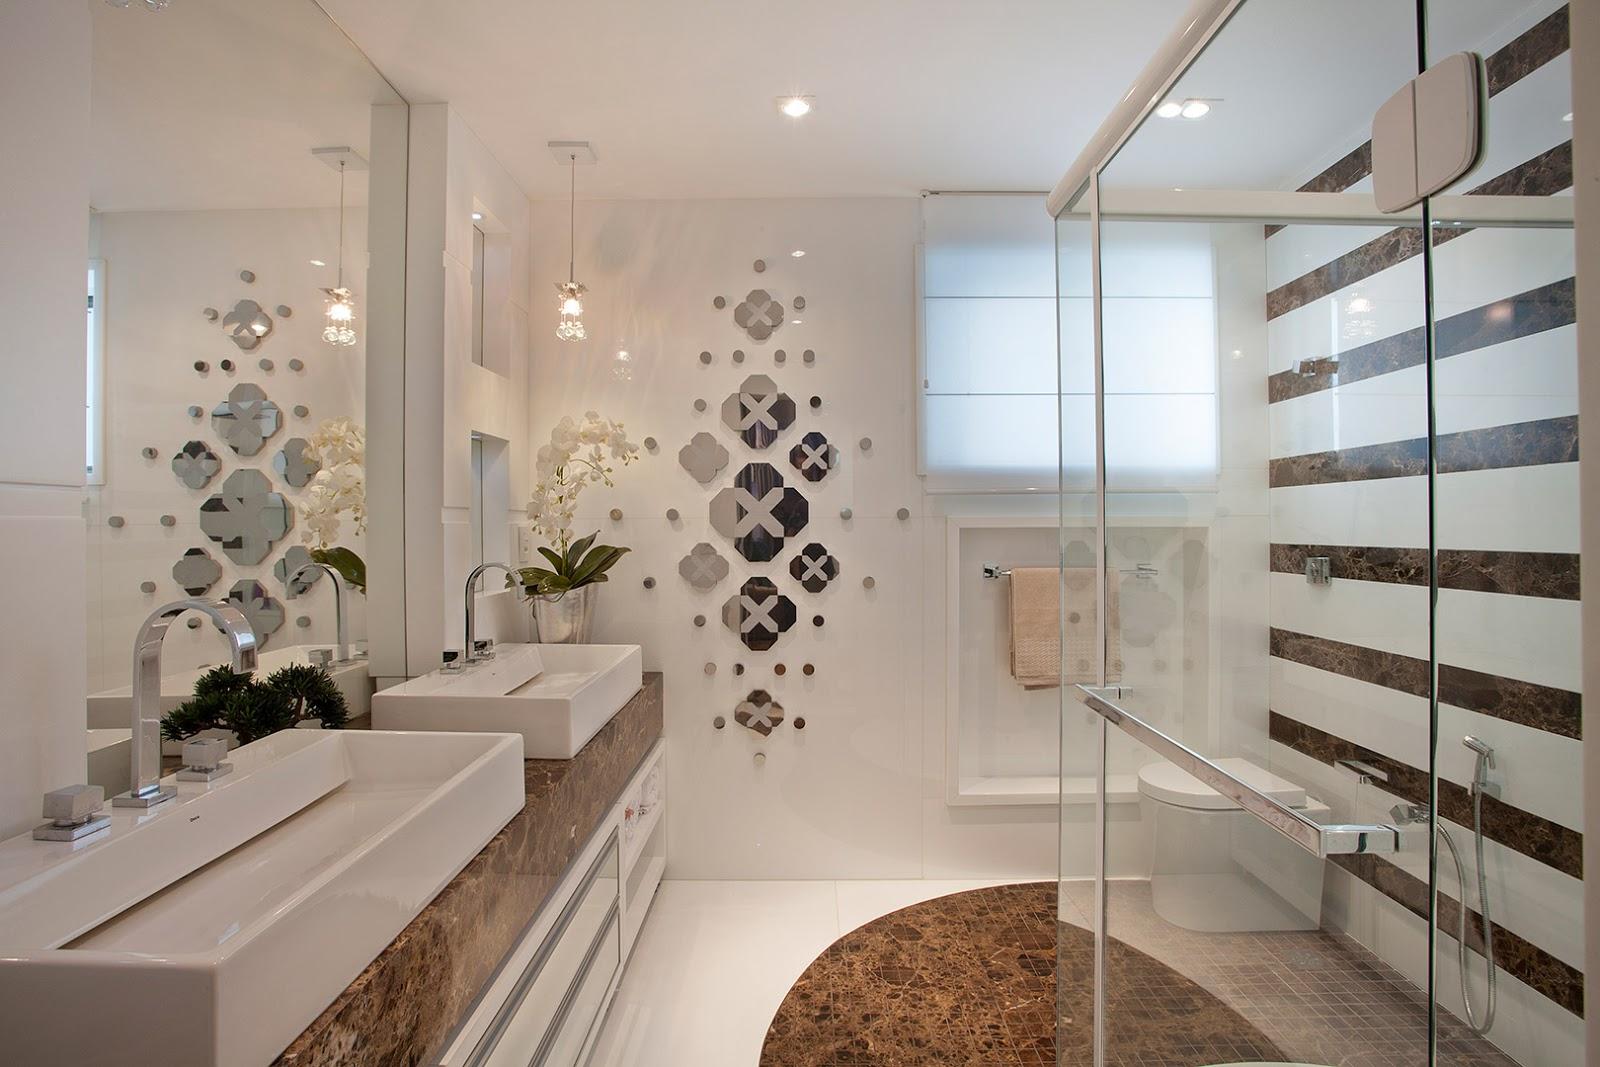 Banheiros Decorados Com Duas Cubas : Construindo minha casa clean banheiros lavabos modernos